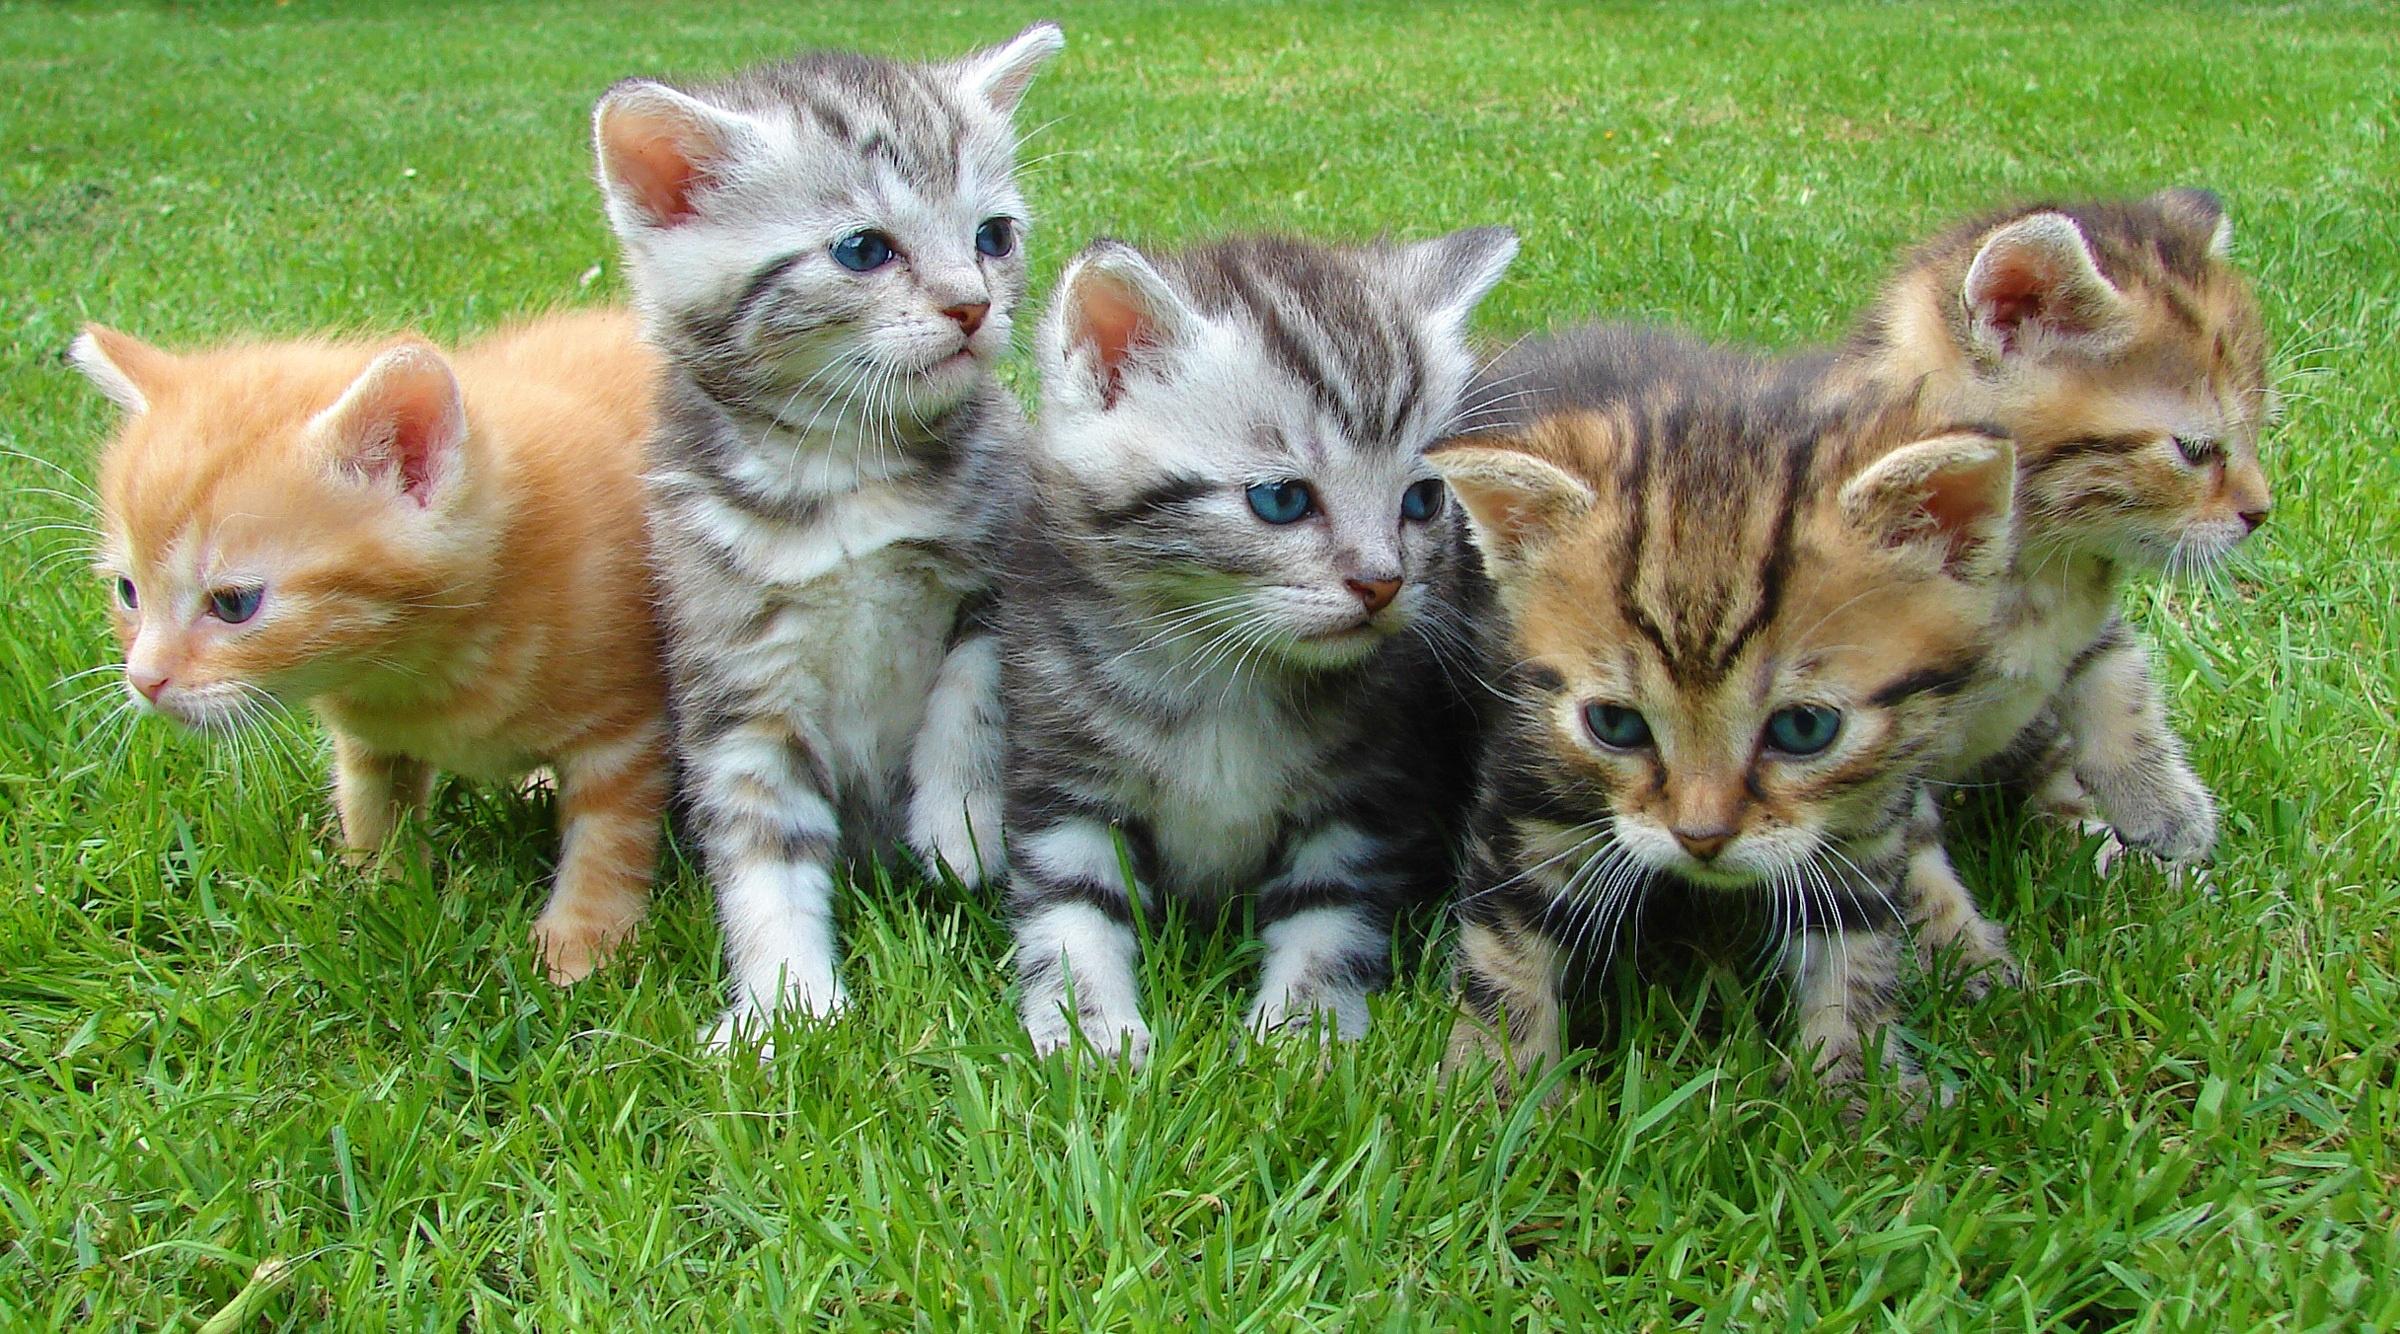 kittens-cat-cat-puppy-rush-45170.jpg